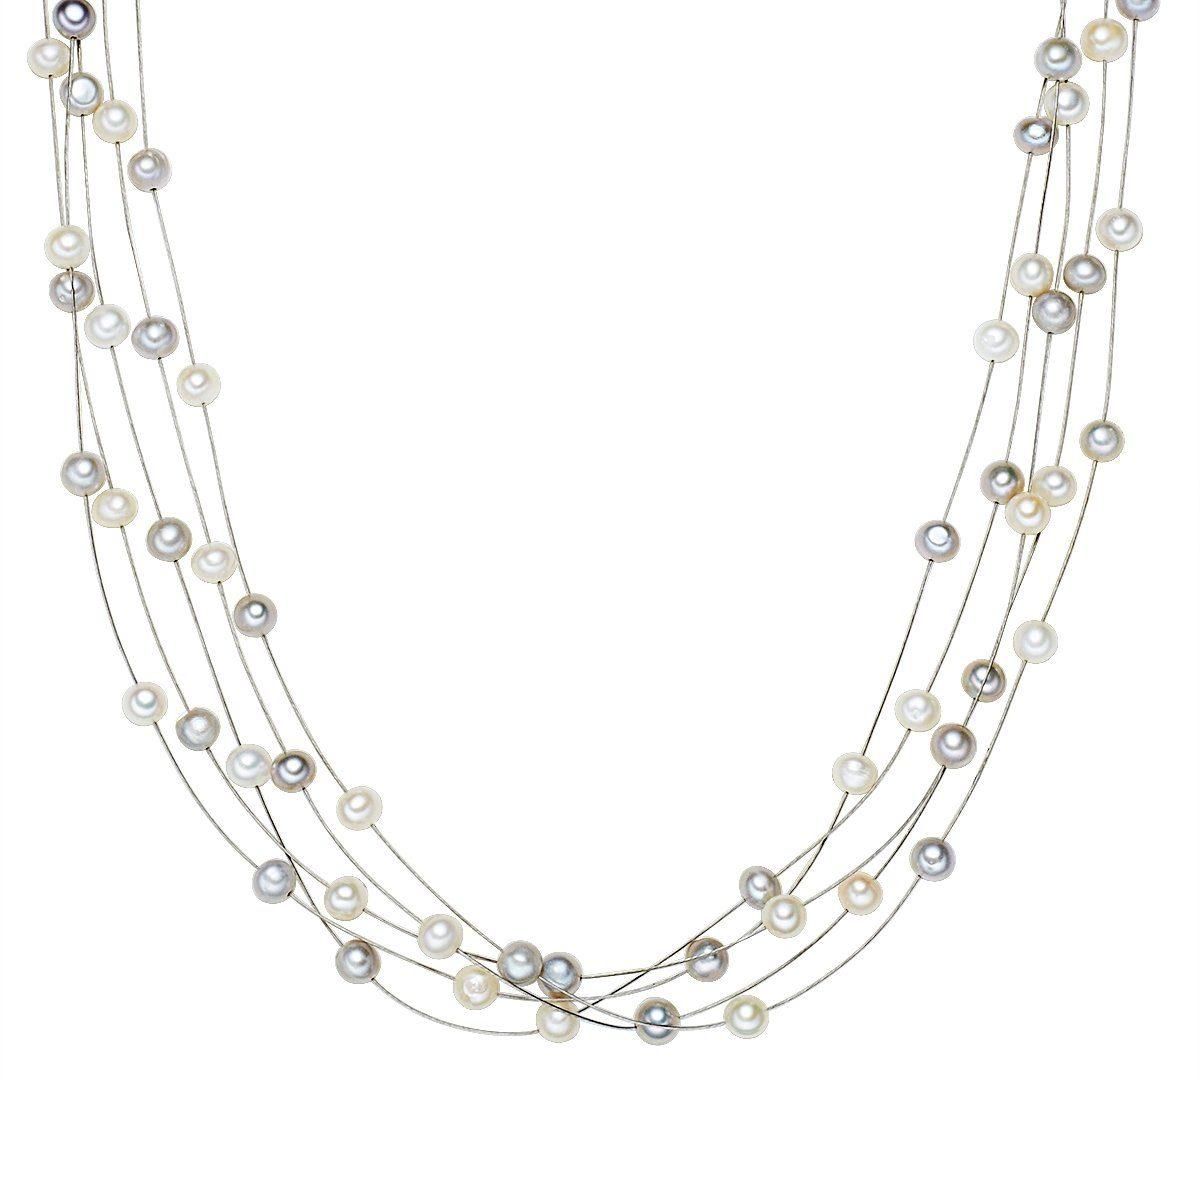 Valero Pearls Perlenkette X131 | Schmuck > Halsketten > Perlenketten | Valero Pearls